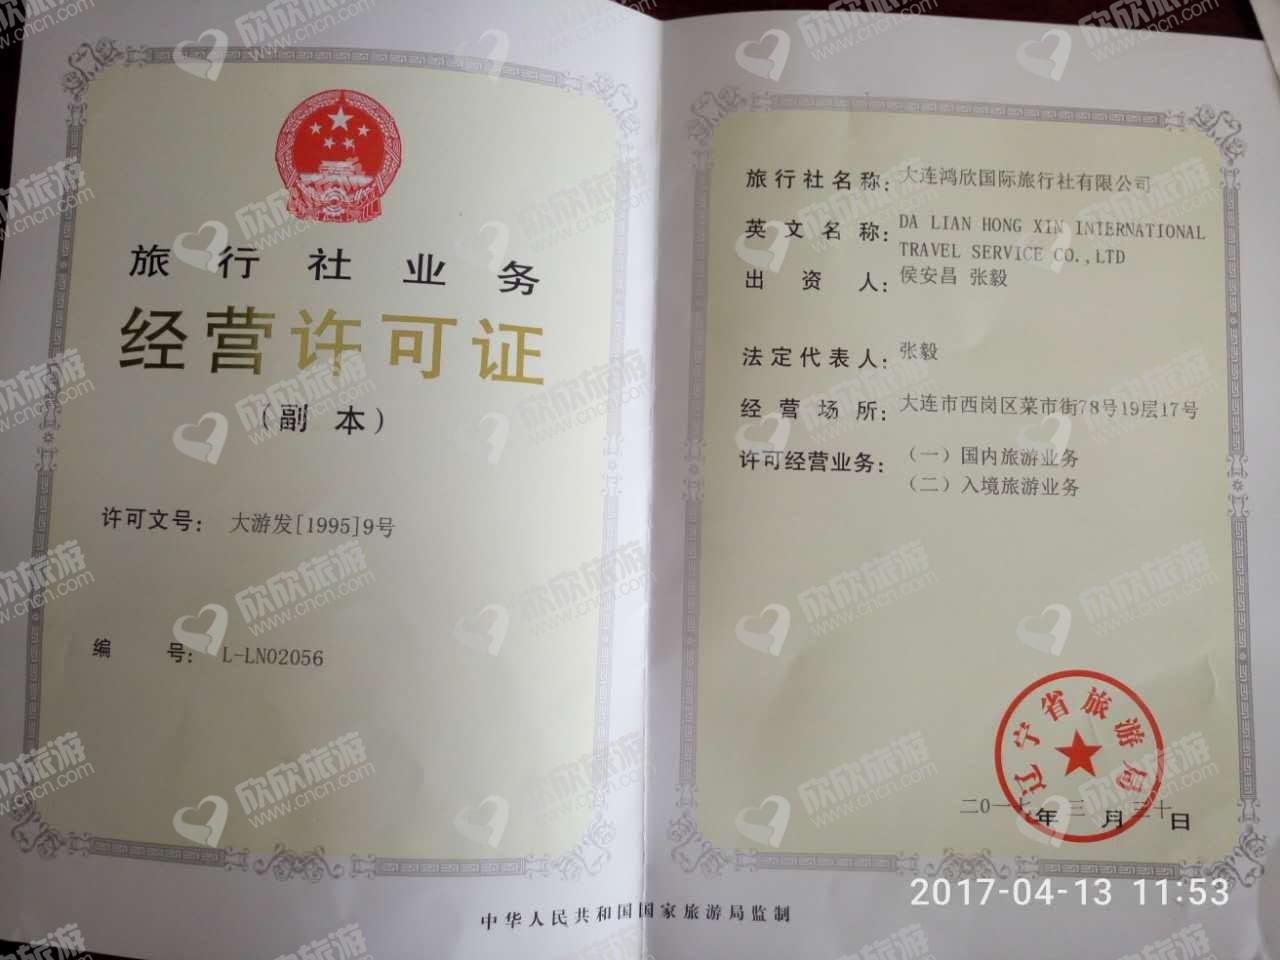 大连鸿欣国际旅行社有限公司经营许可证